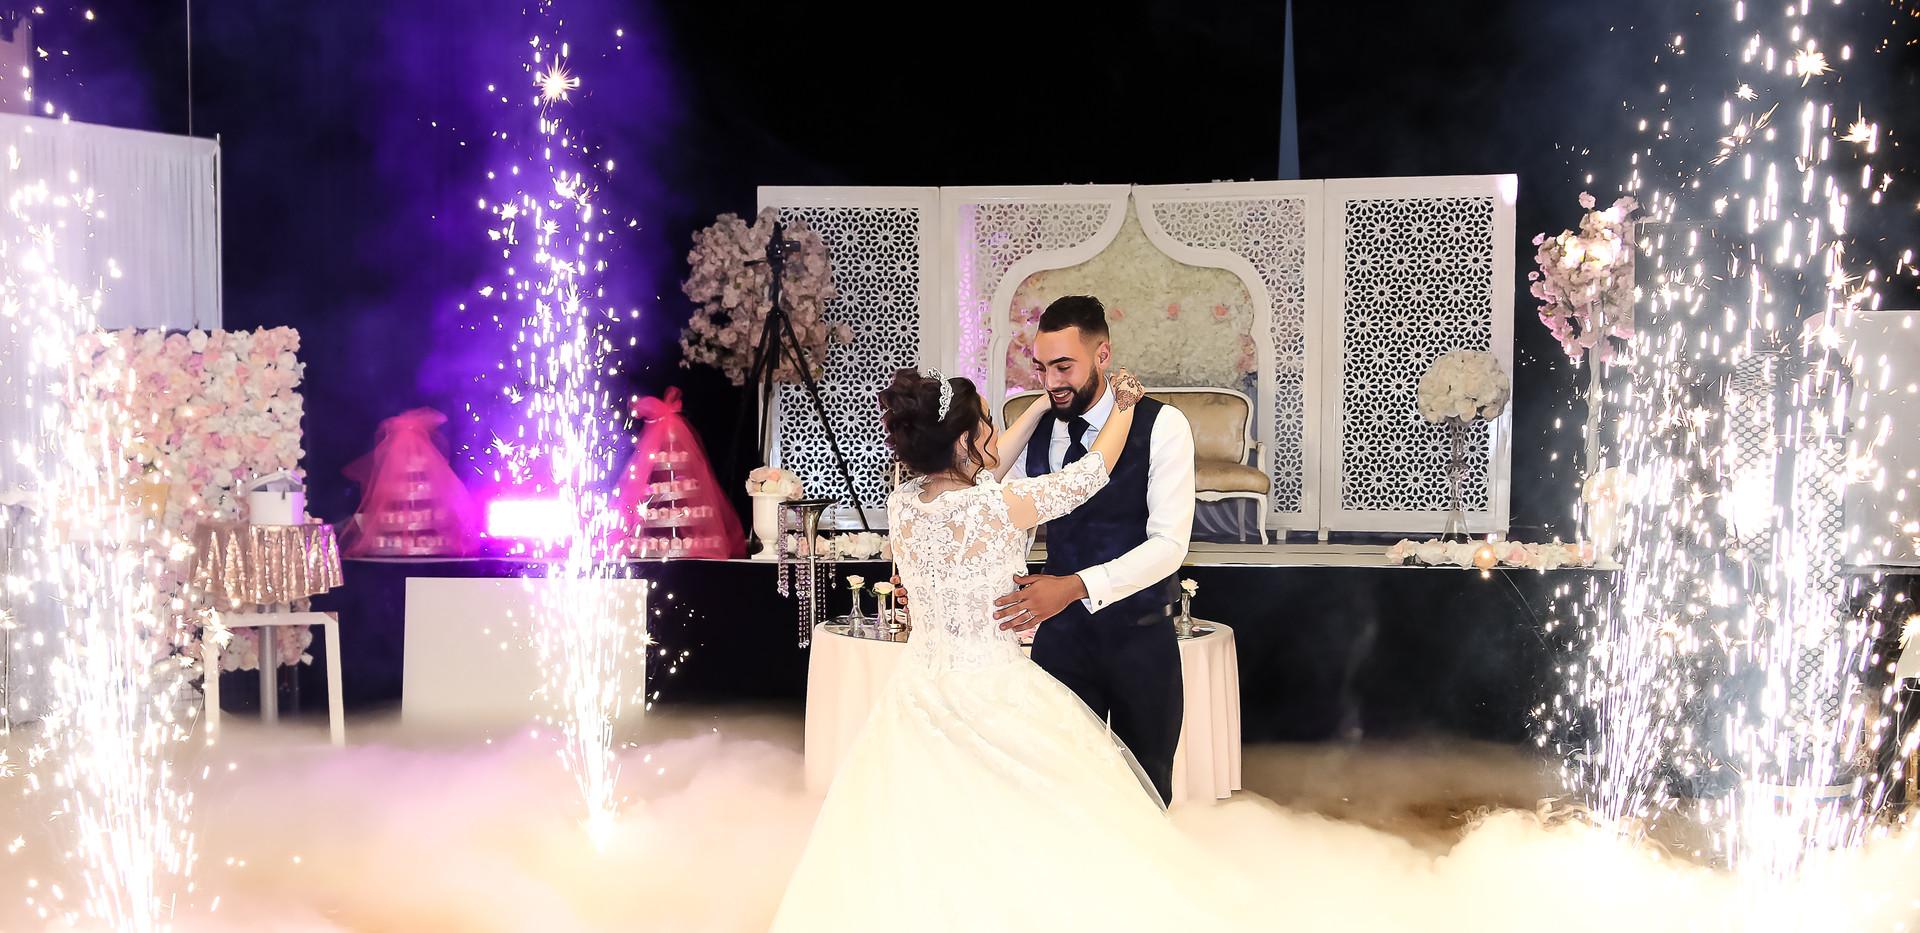 mariage oreintal